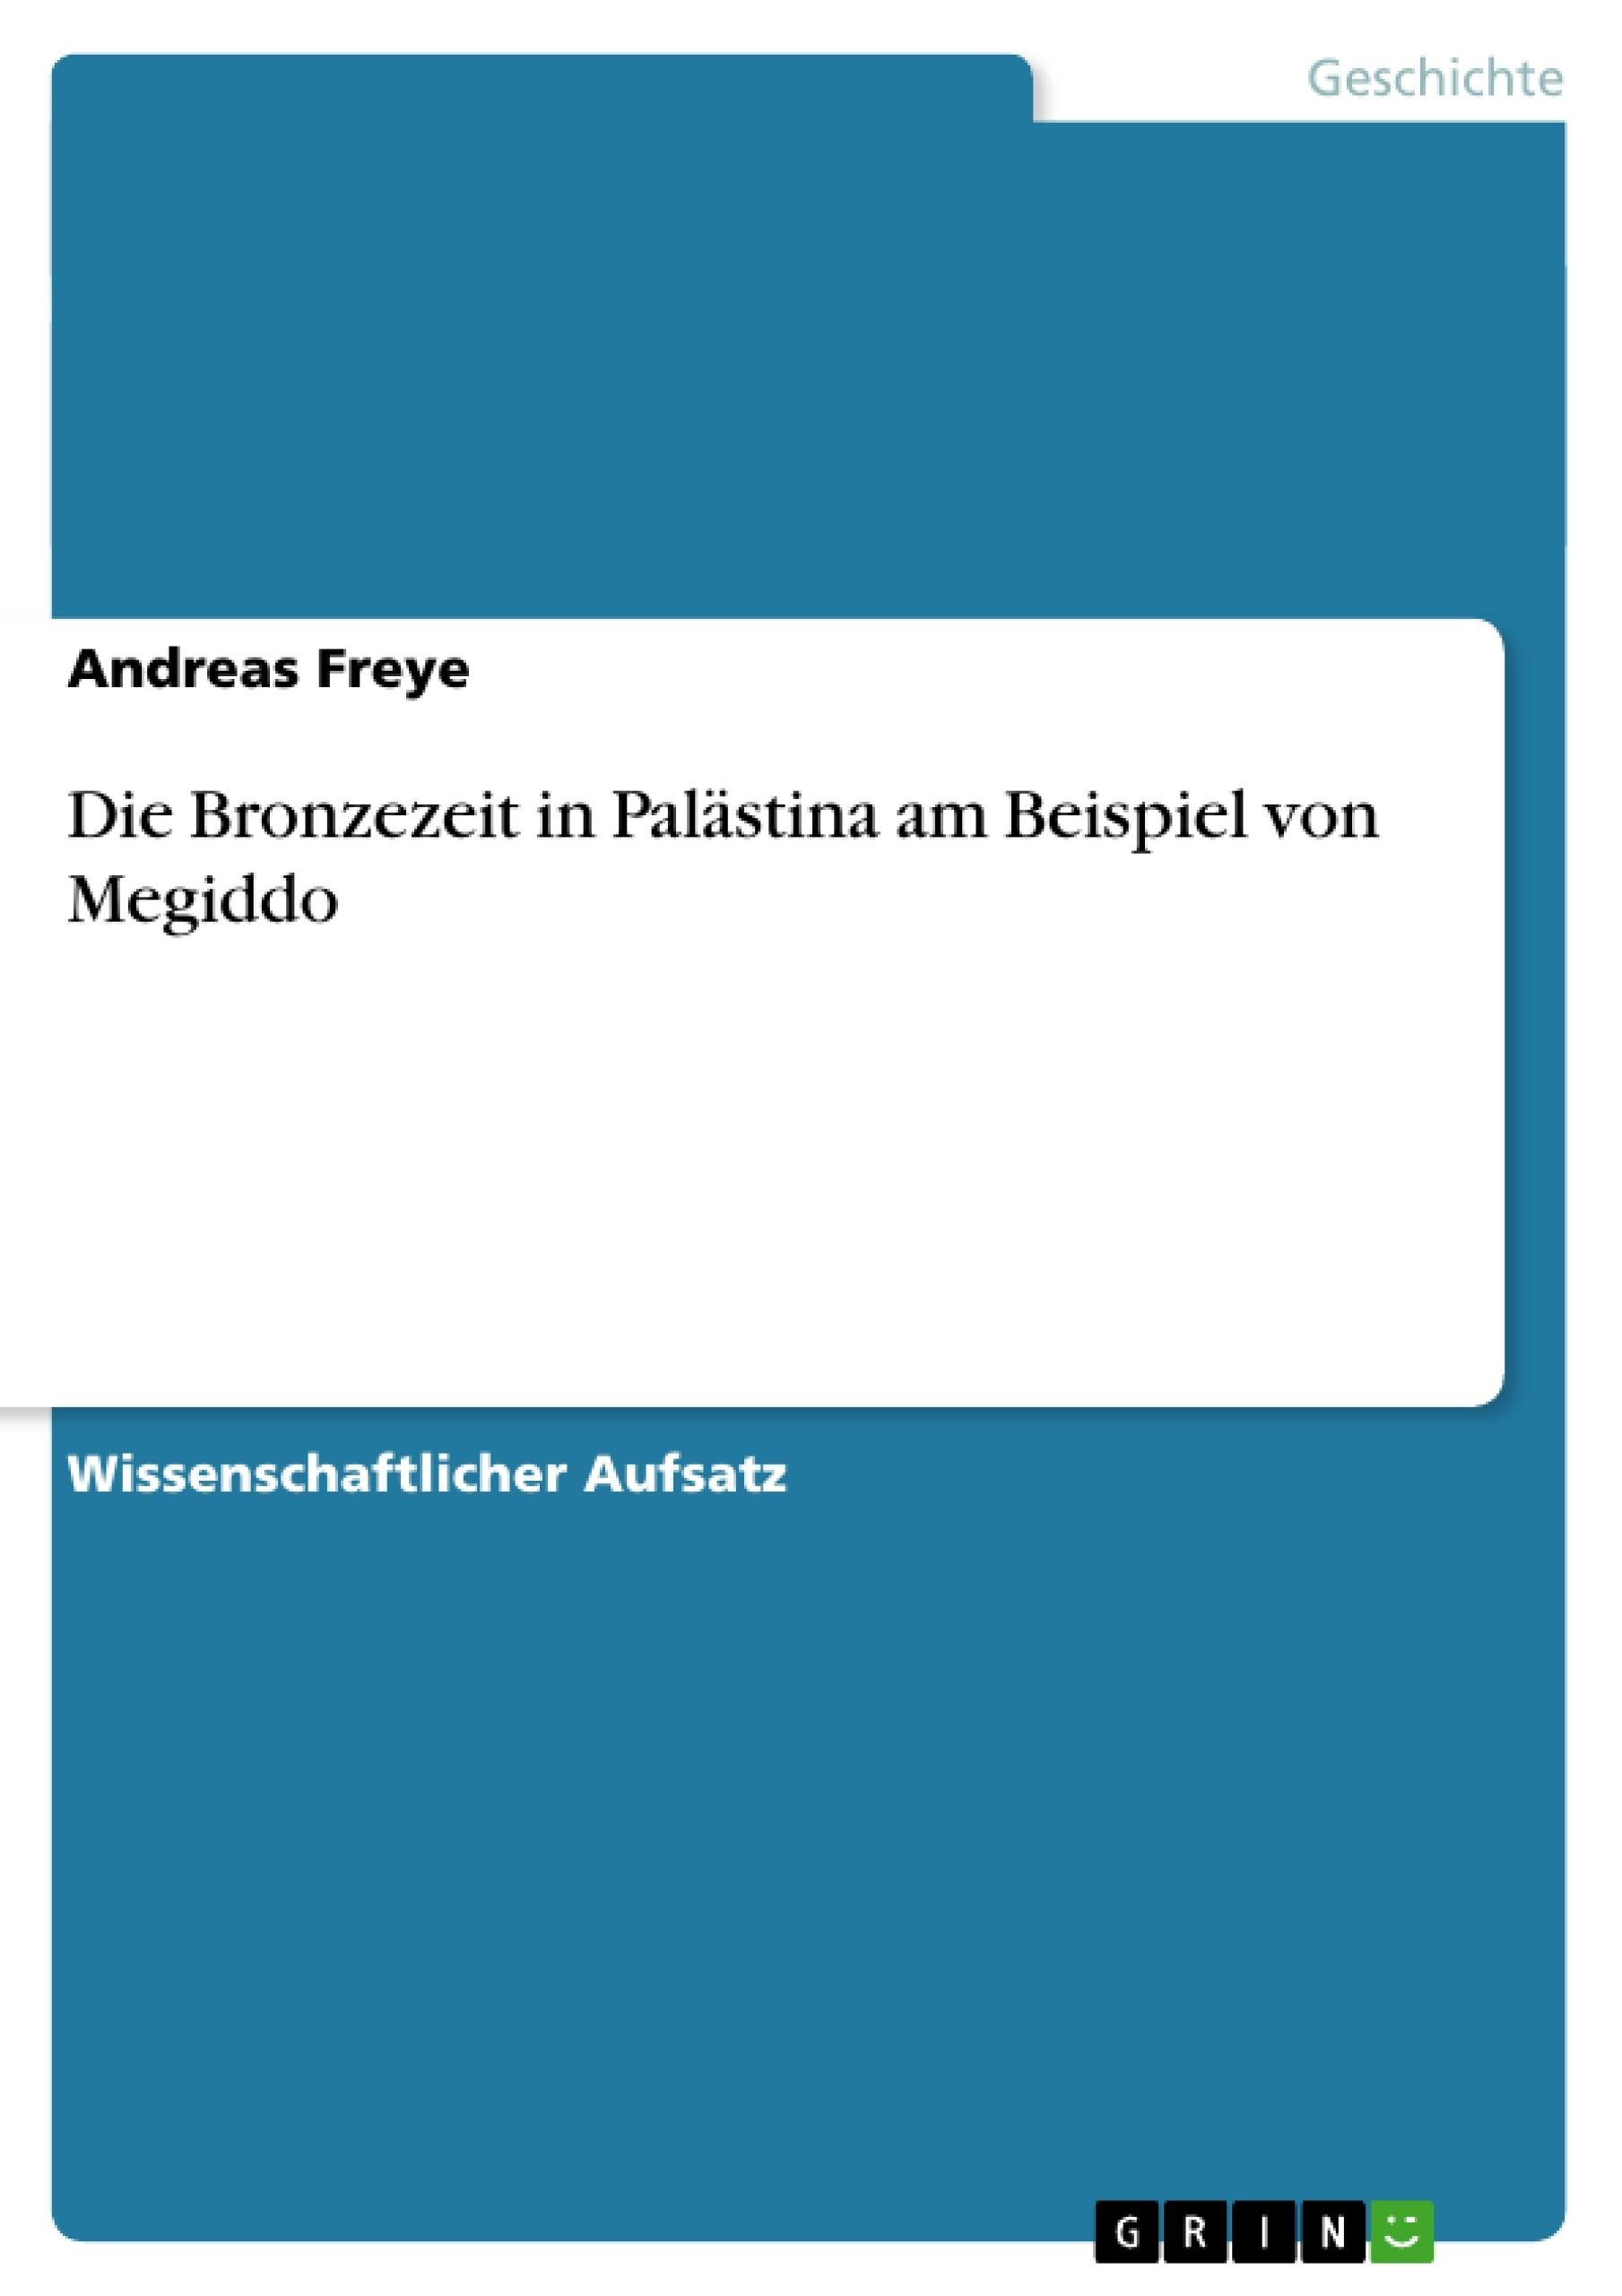 Titel: Die Bronzezeit in Palästina am Beispiel von Megiddo